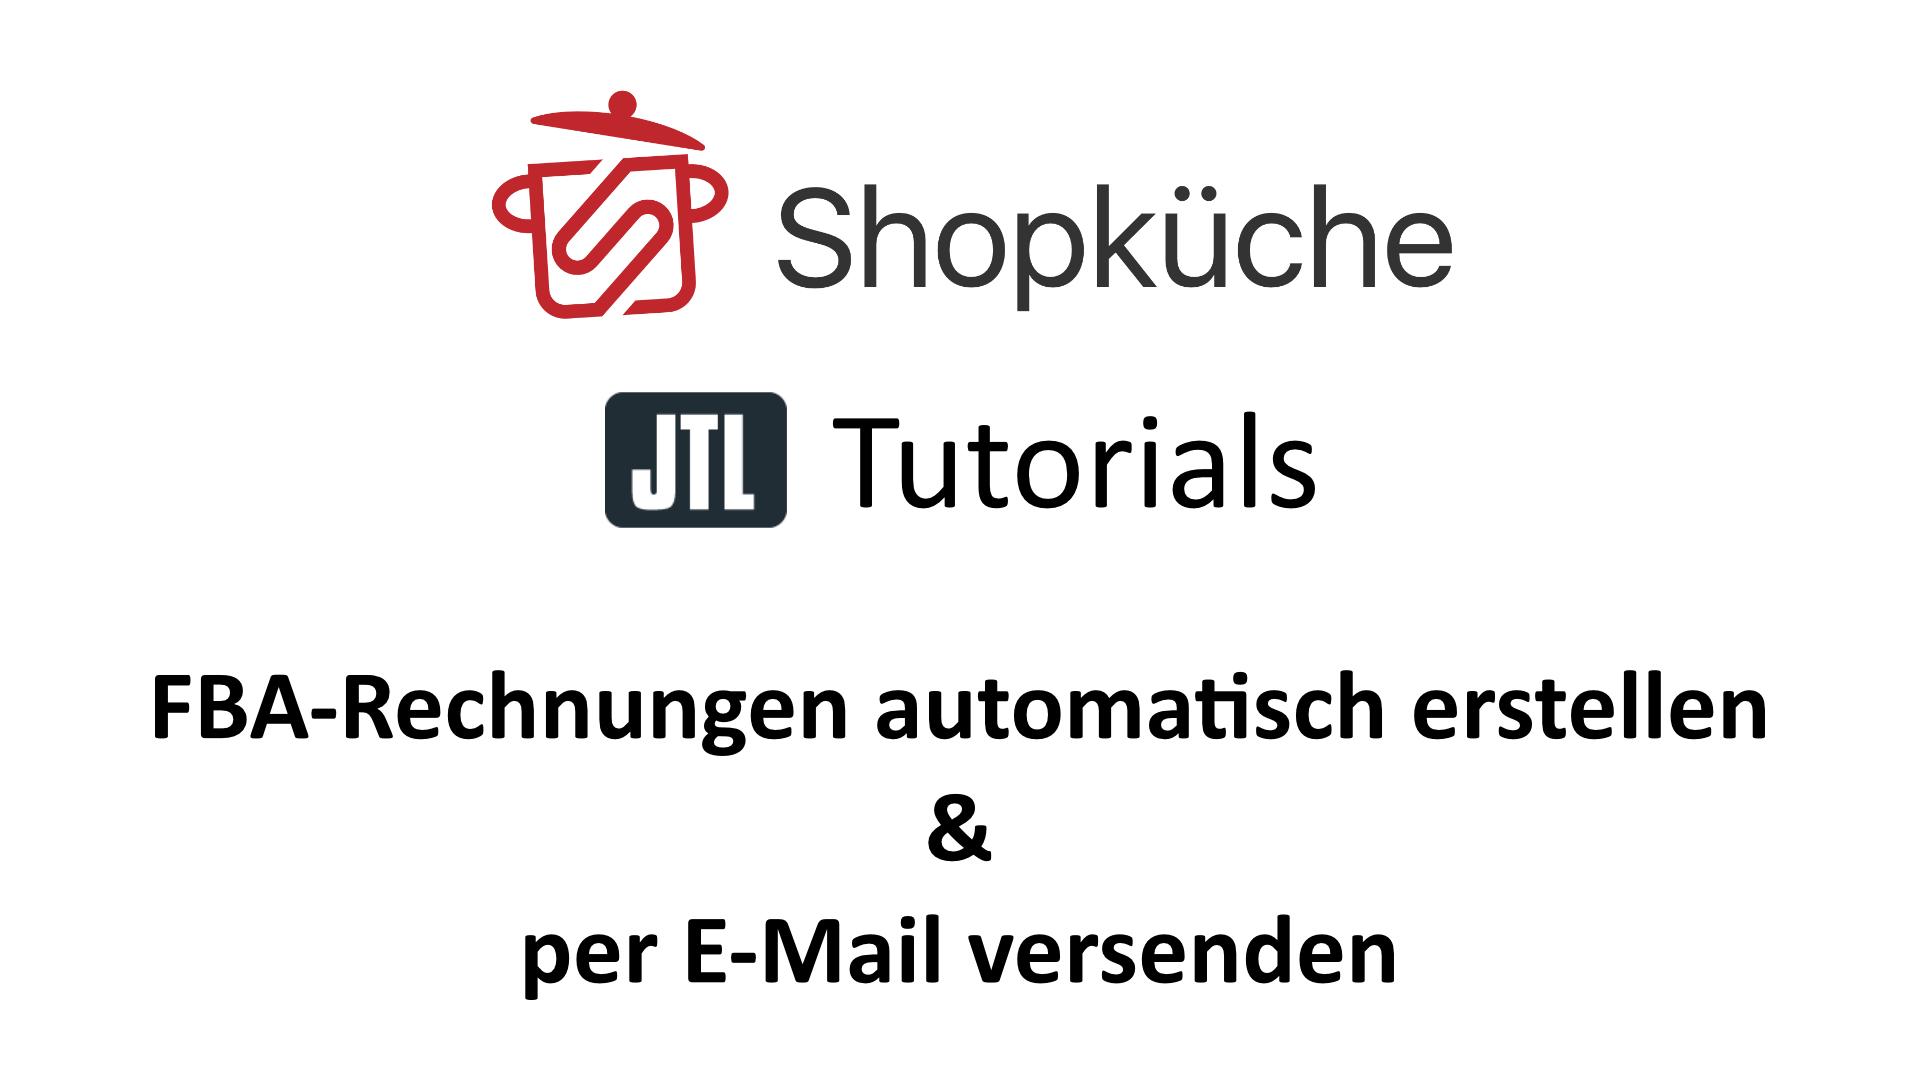 Jtl Wawi Fba Rechnungen Automatisch Erstellen Und Per E Mail Senden